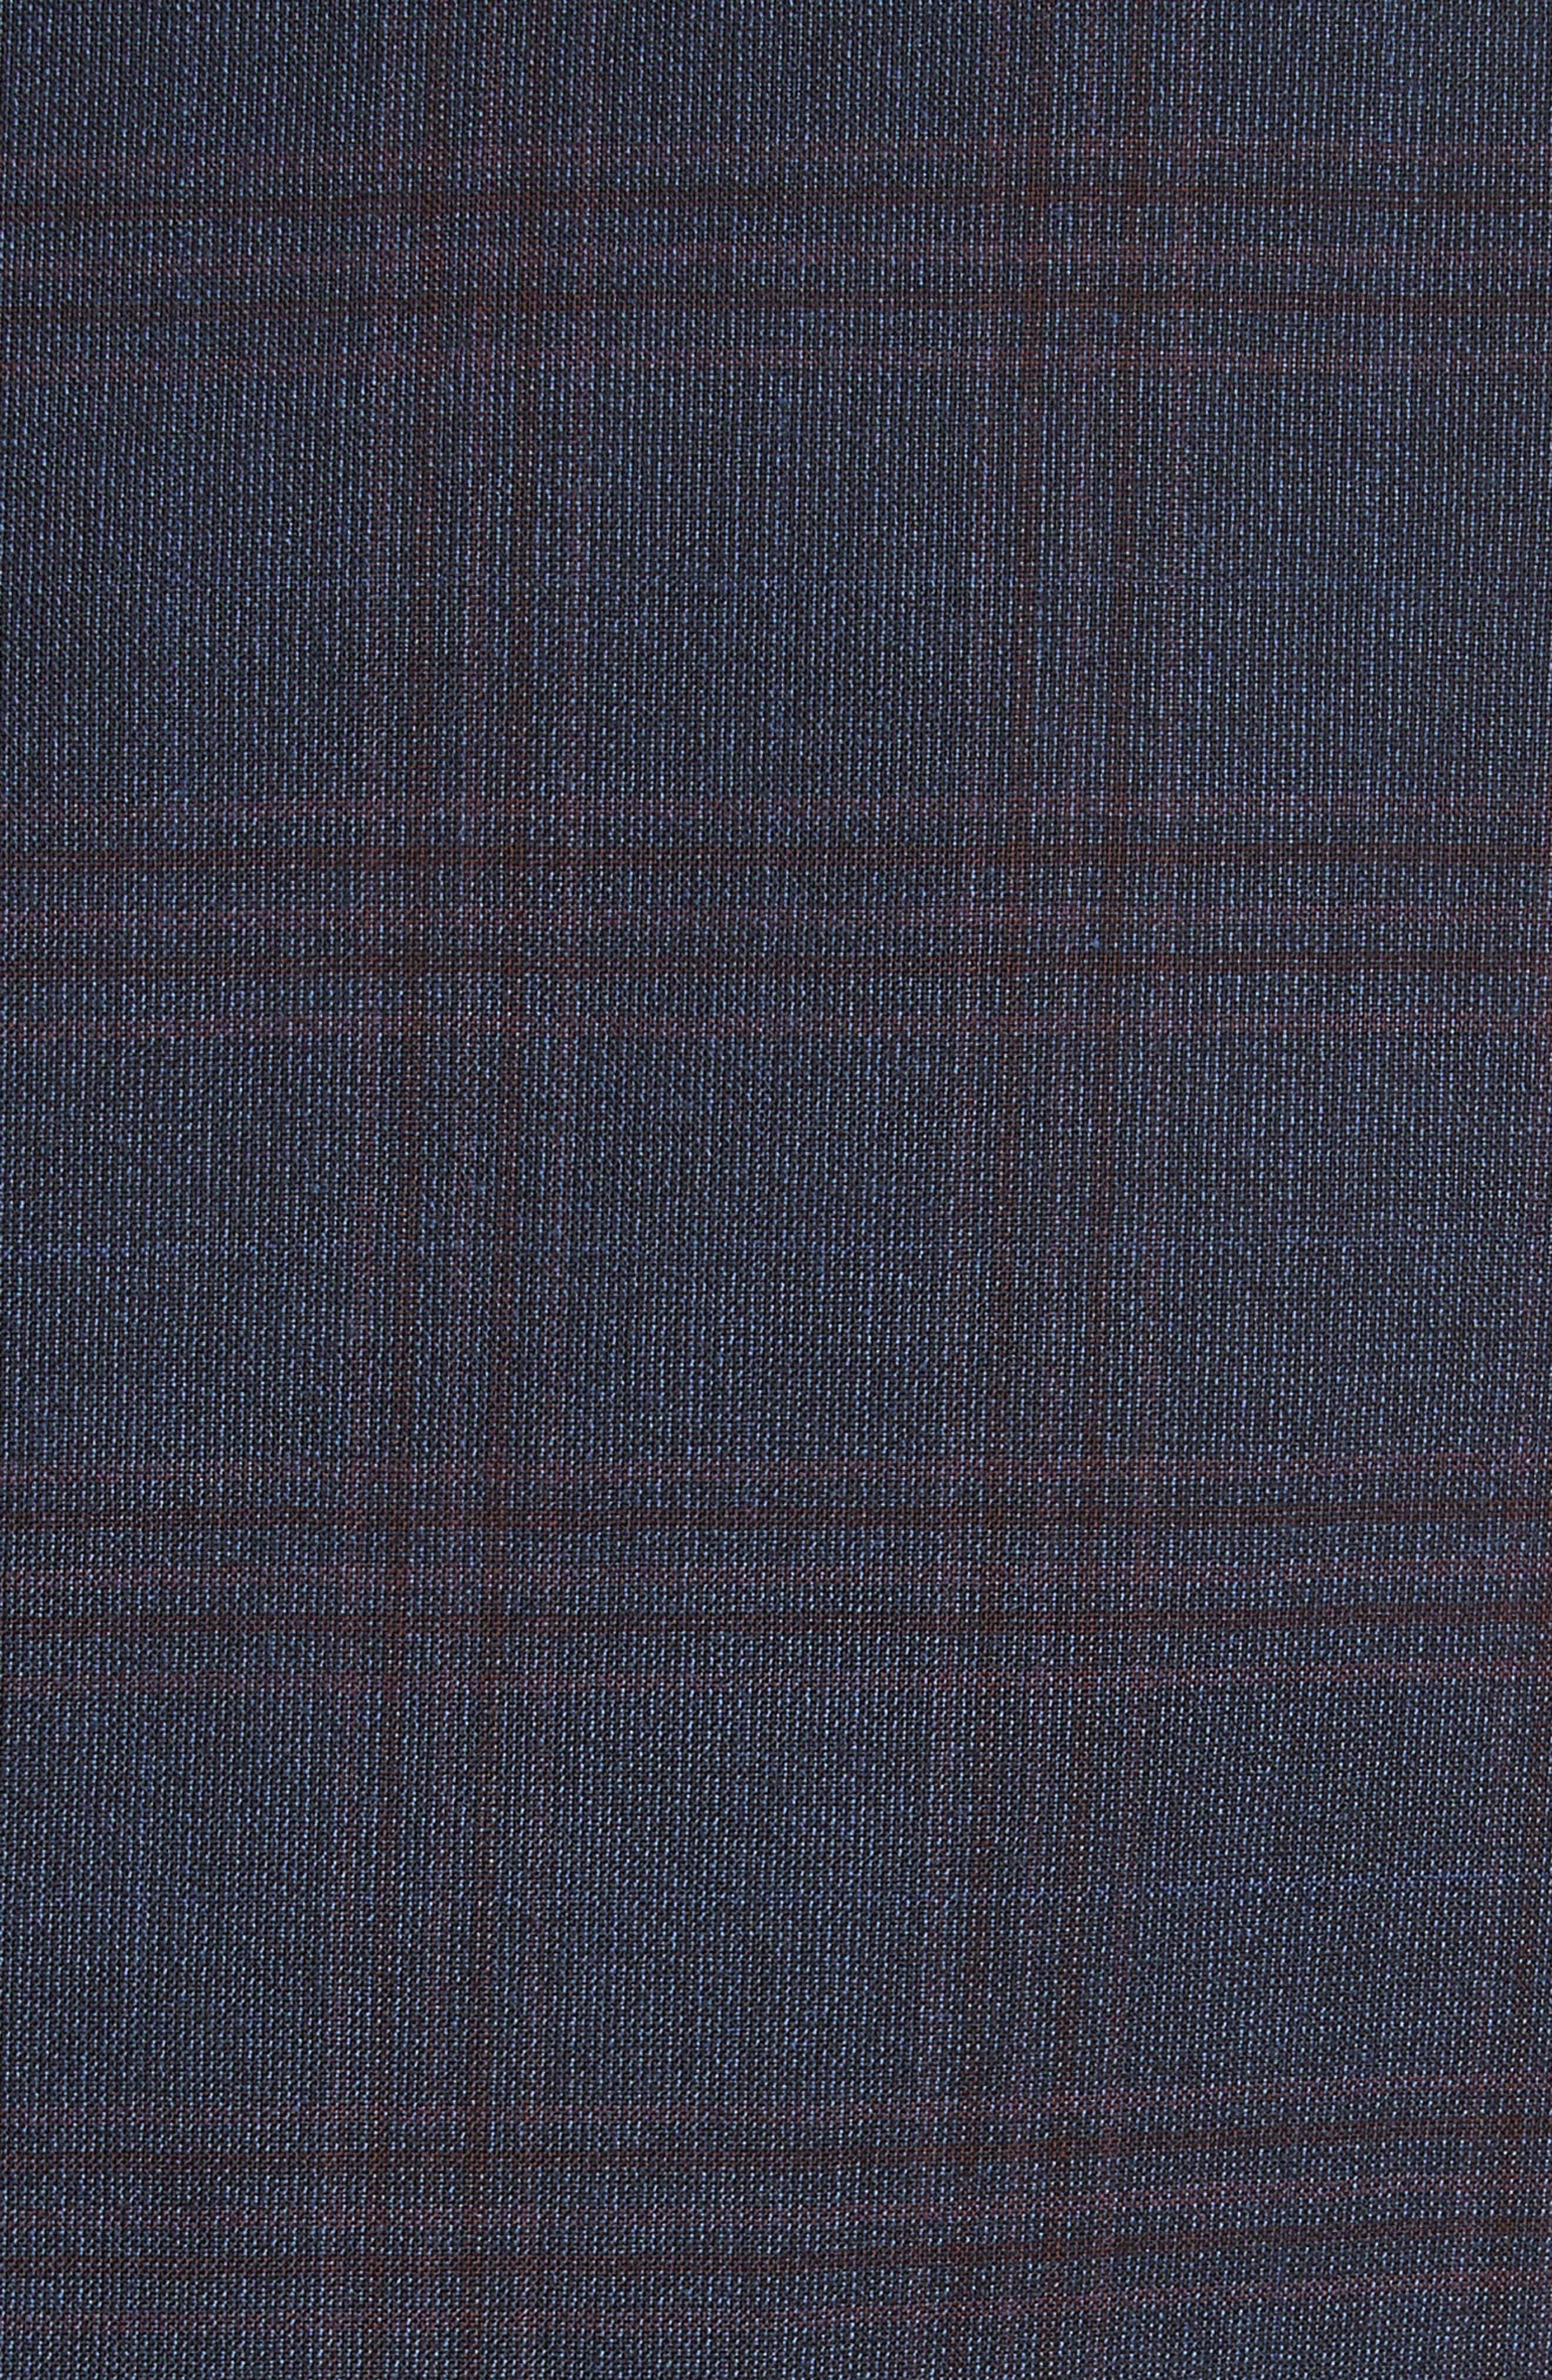 G-Line Trim Fit Plaid Wool Sport Coat,                             Alternate thumbnail 5, color,